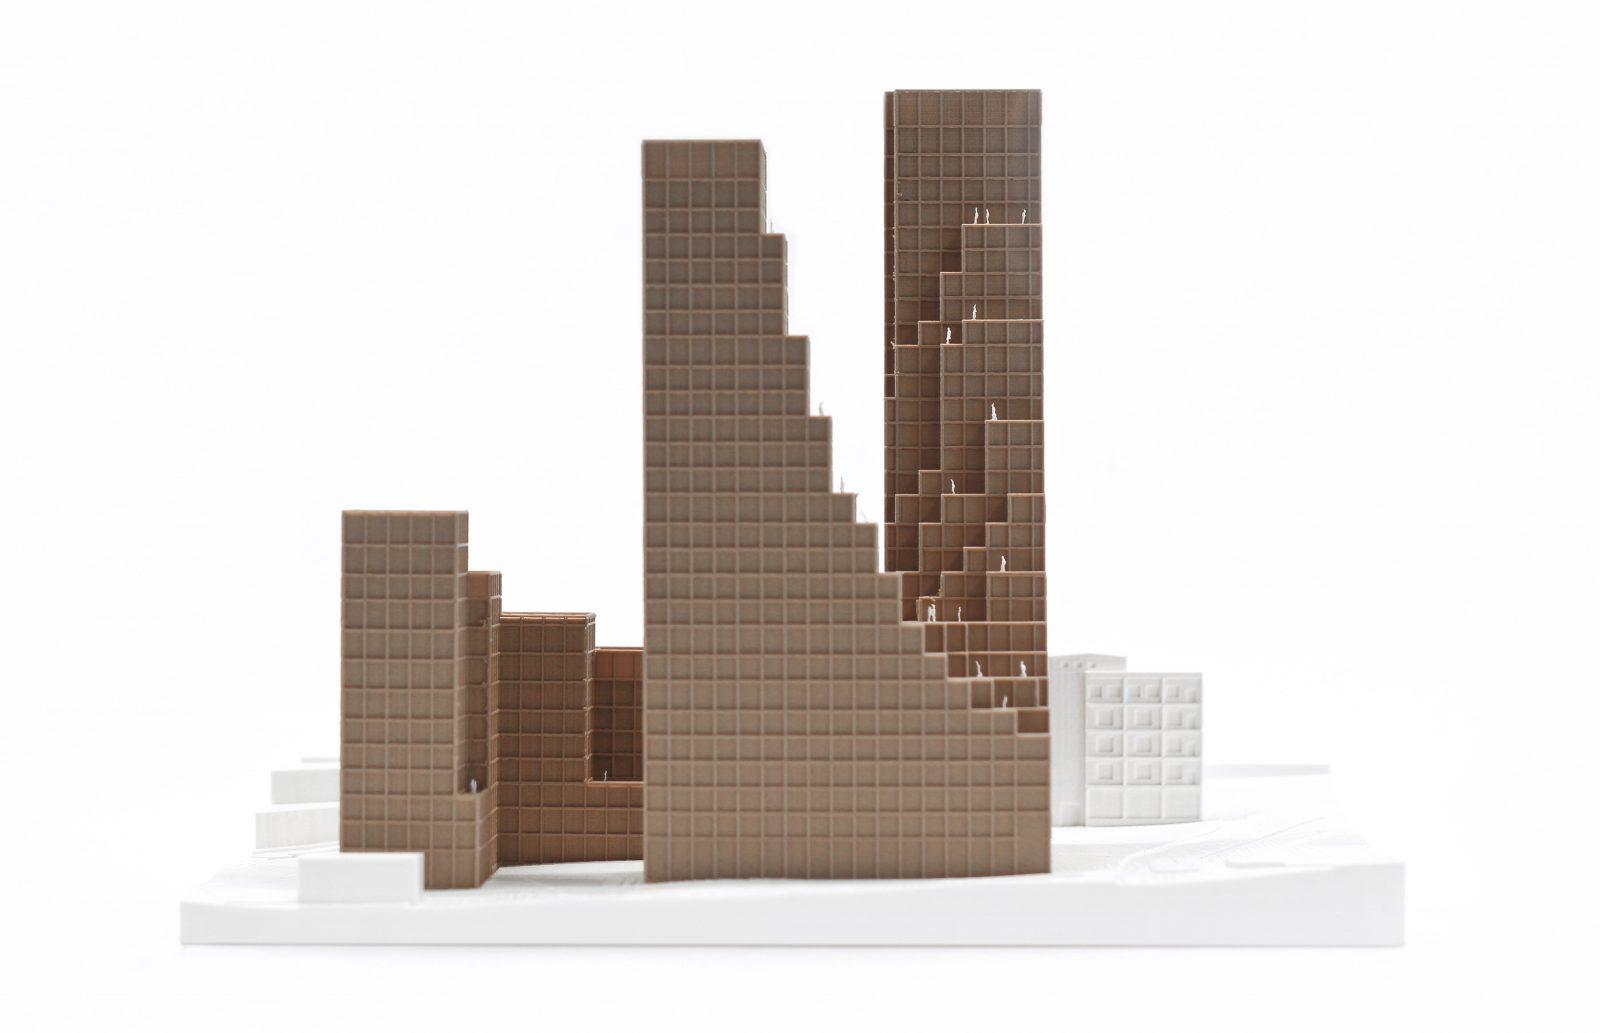 KjellanderSjoberg Nacka-Port modell fasad 3600x2324px